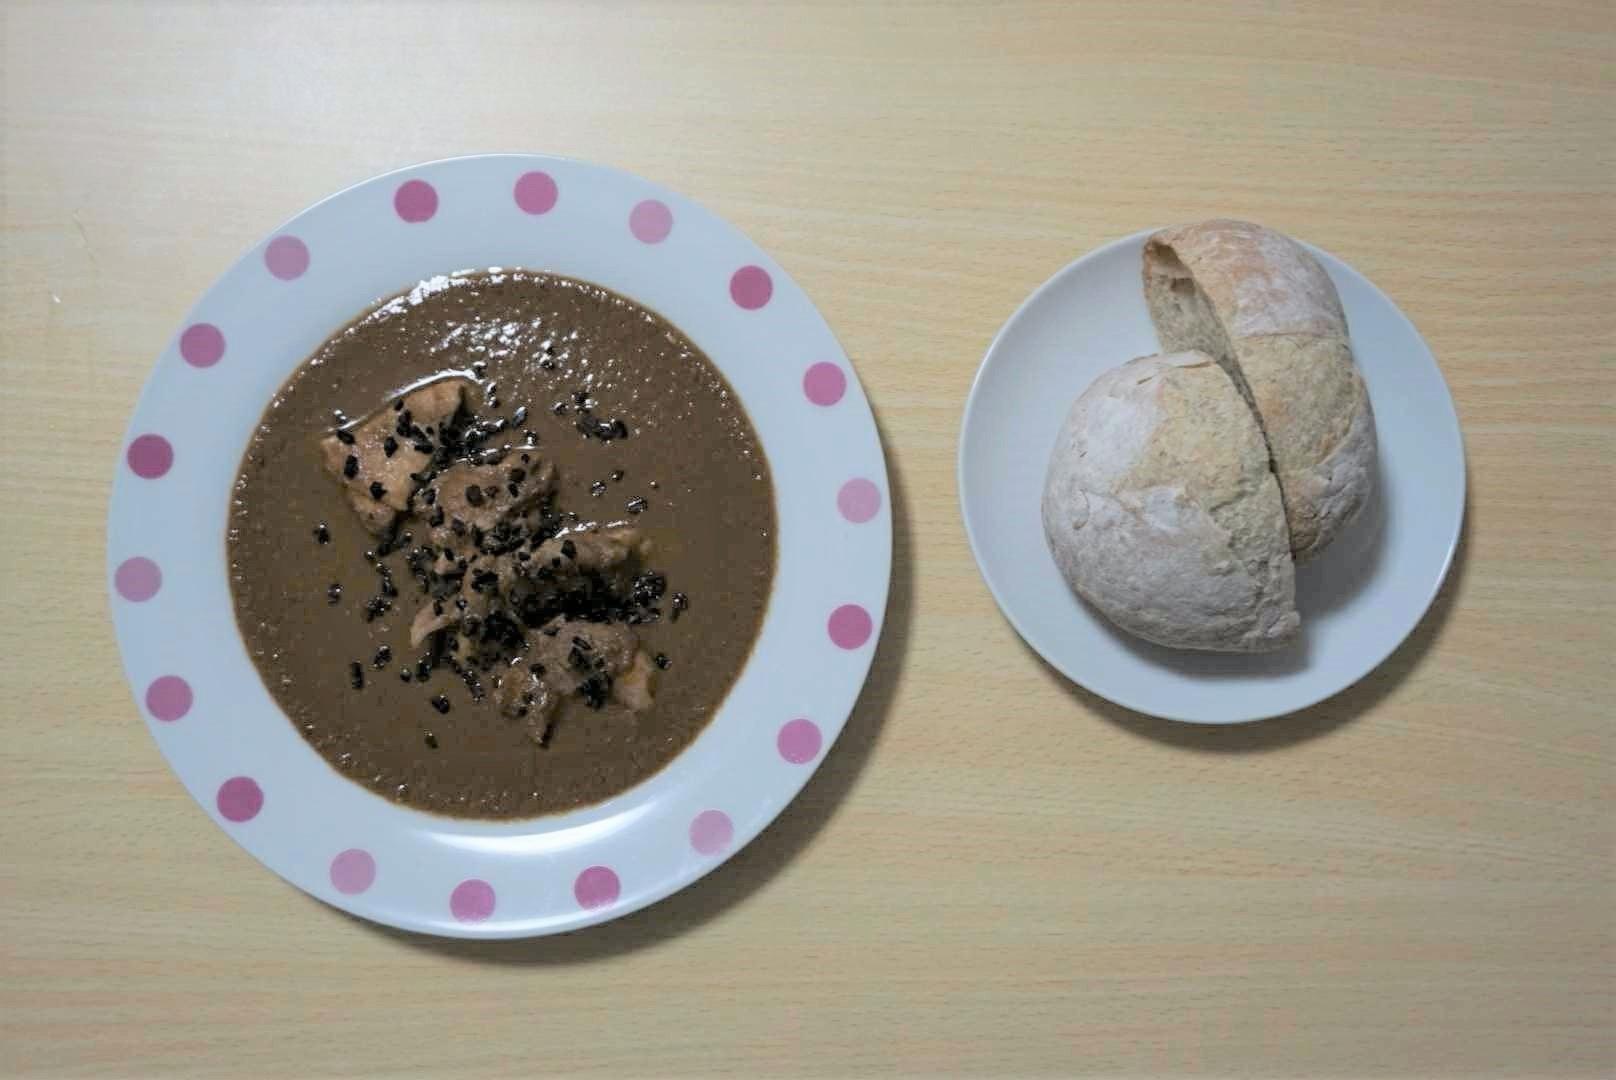 チョコレートを使った煮込み料理「モレポブラーノ」